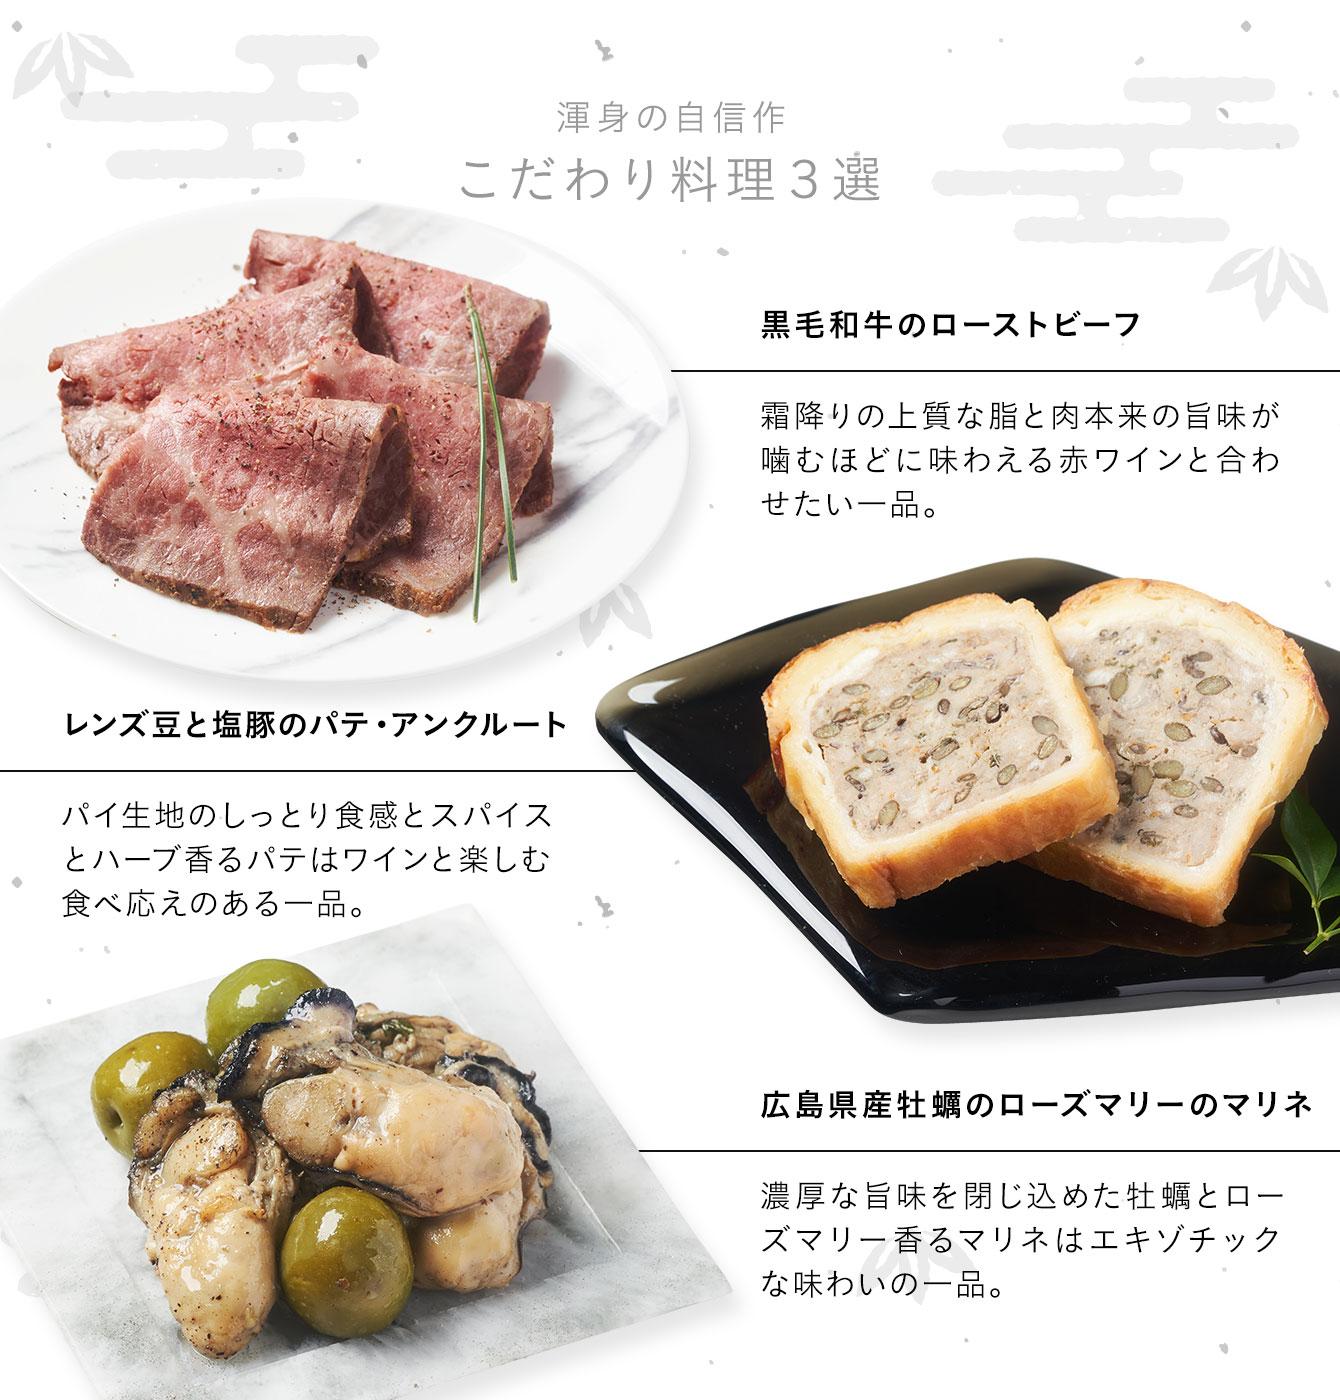 一の重 渾身の自信作 こだわり料理3選 黒毛和牛のローストビーフ、レンズ豆と塩豚のパテ・アンクルート、広島県産牡蠣のローズマリーのマリネ